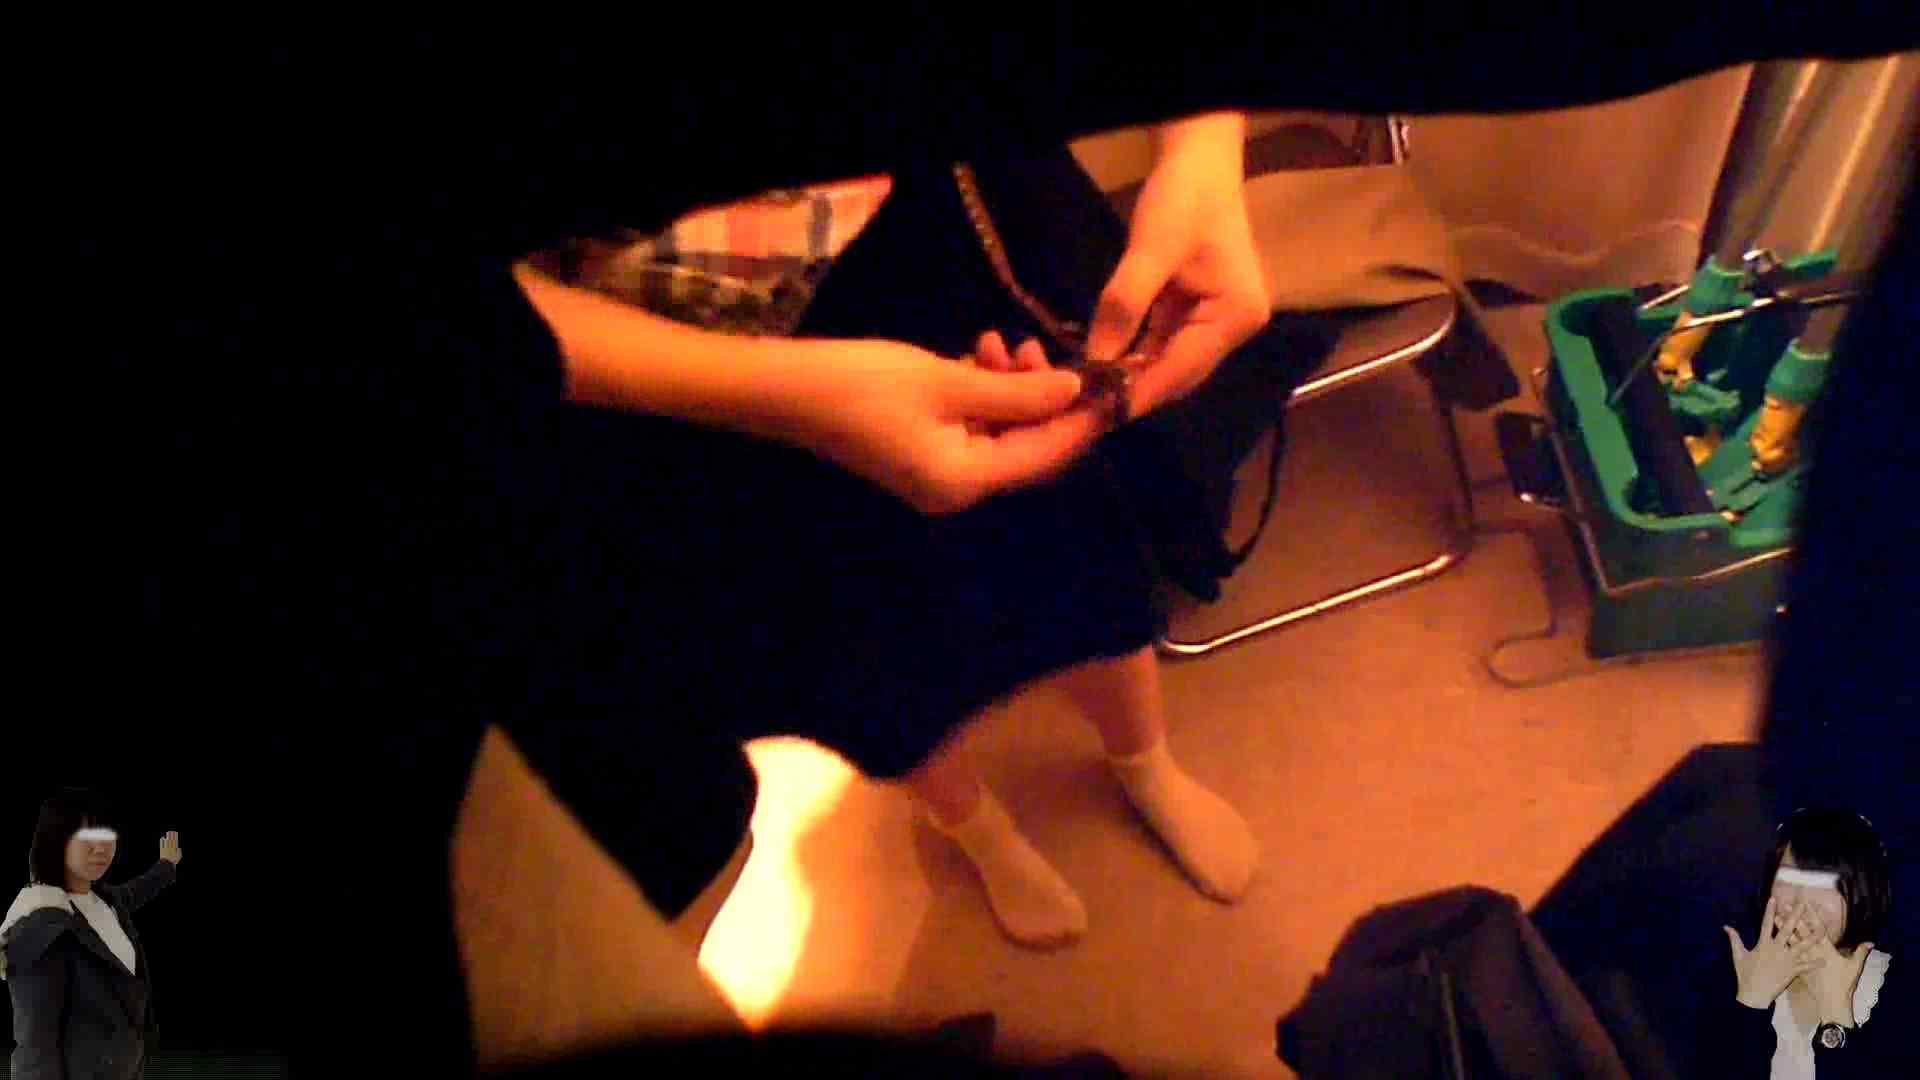 素人投稿 現役「JD」Eちゃんの着替え Vol.04 美しいOLの裸体   投稿  107pic 73